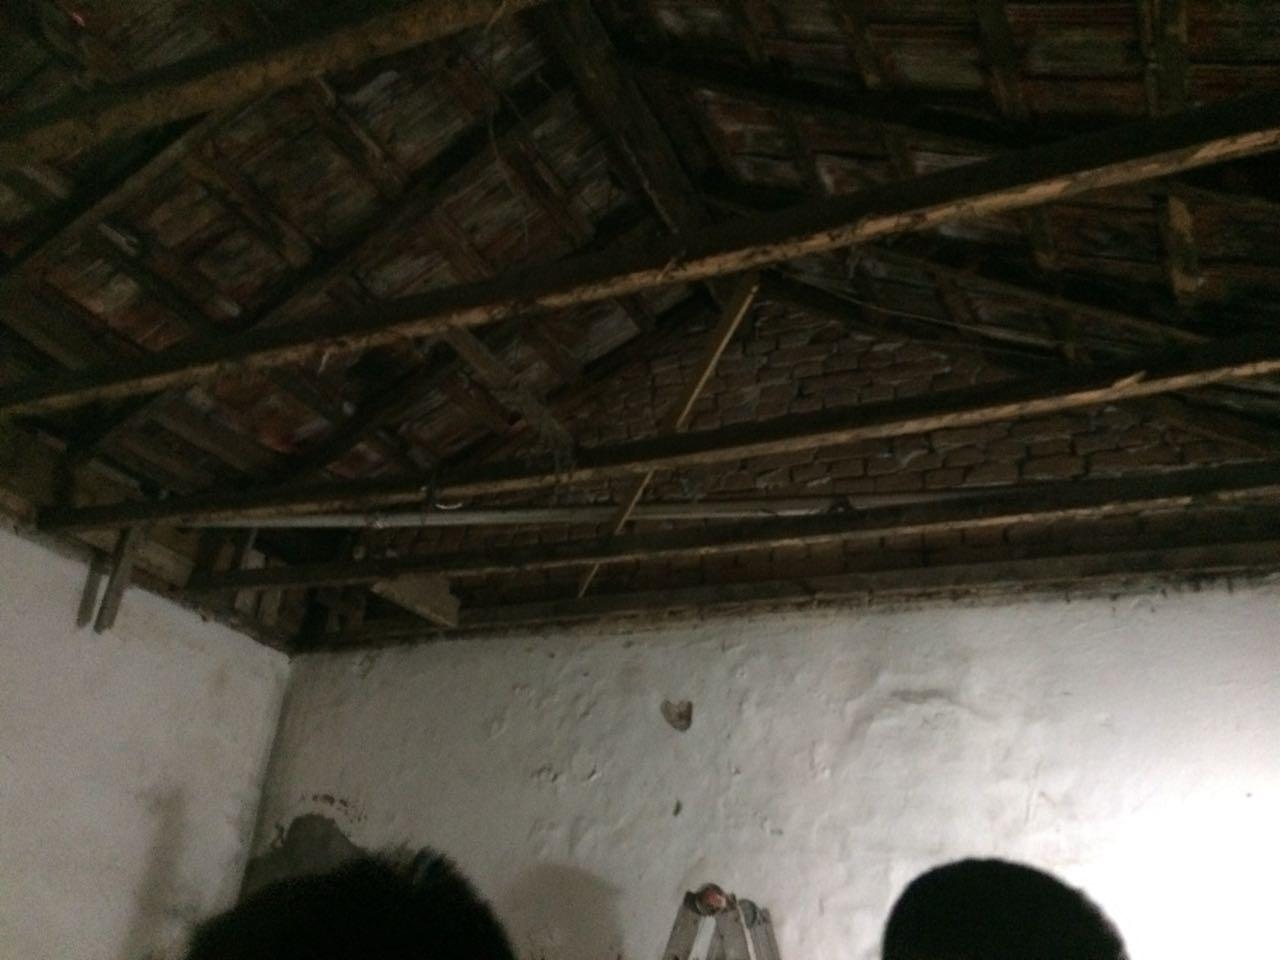 Telhado Reforma - Serviços em Telhado no Imirim